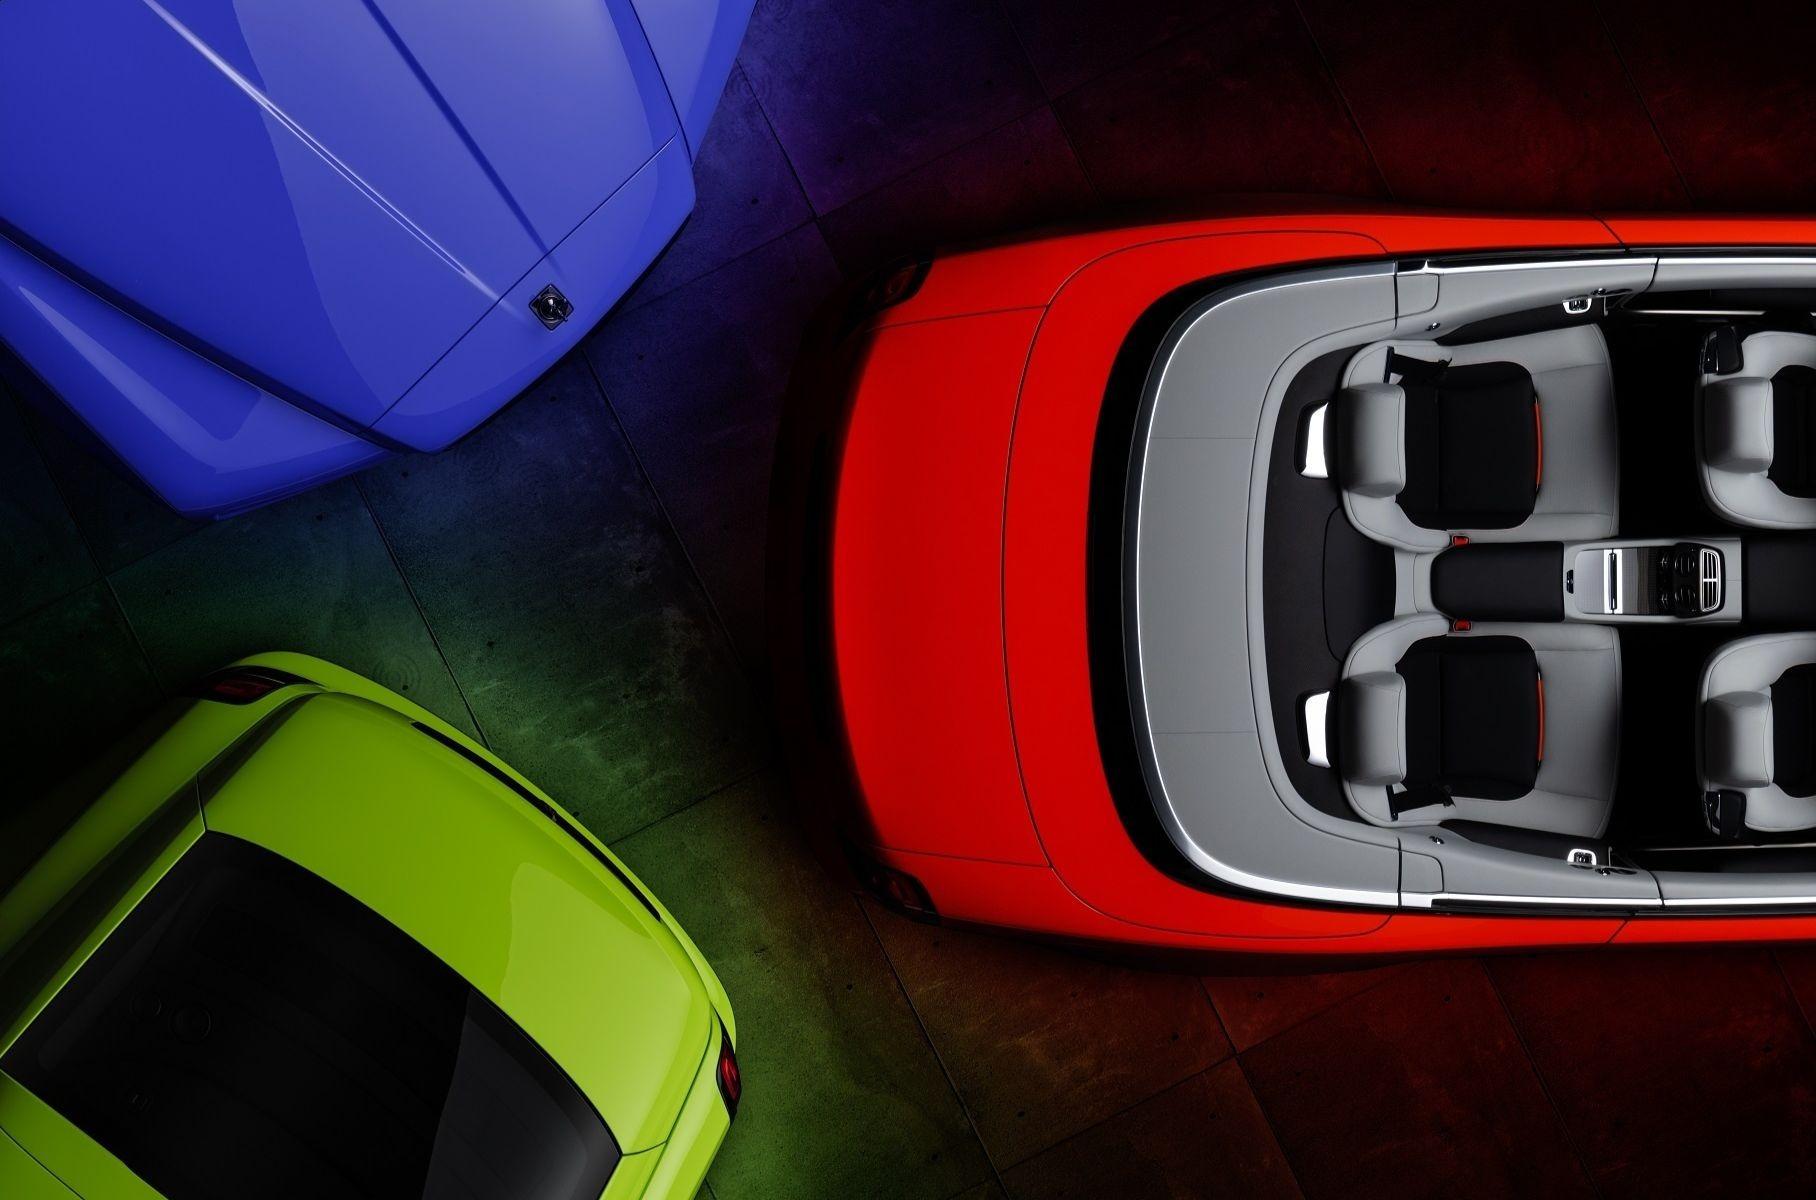 «Роллс-Ройс» предложил серию новых цветов кузова под названием «Неоновые ночи». Оттенки доступны для нескольких моделей в исполнениях Black Badge.